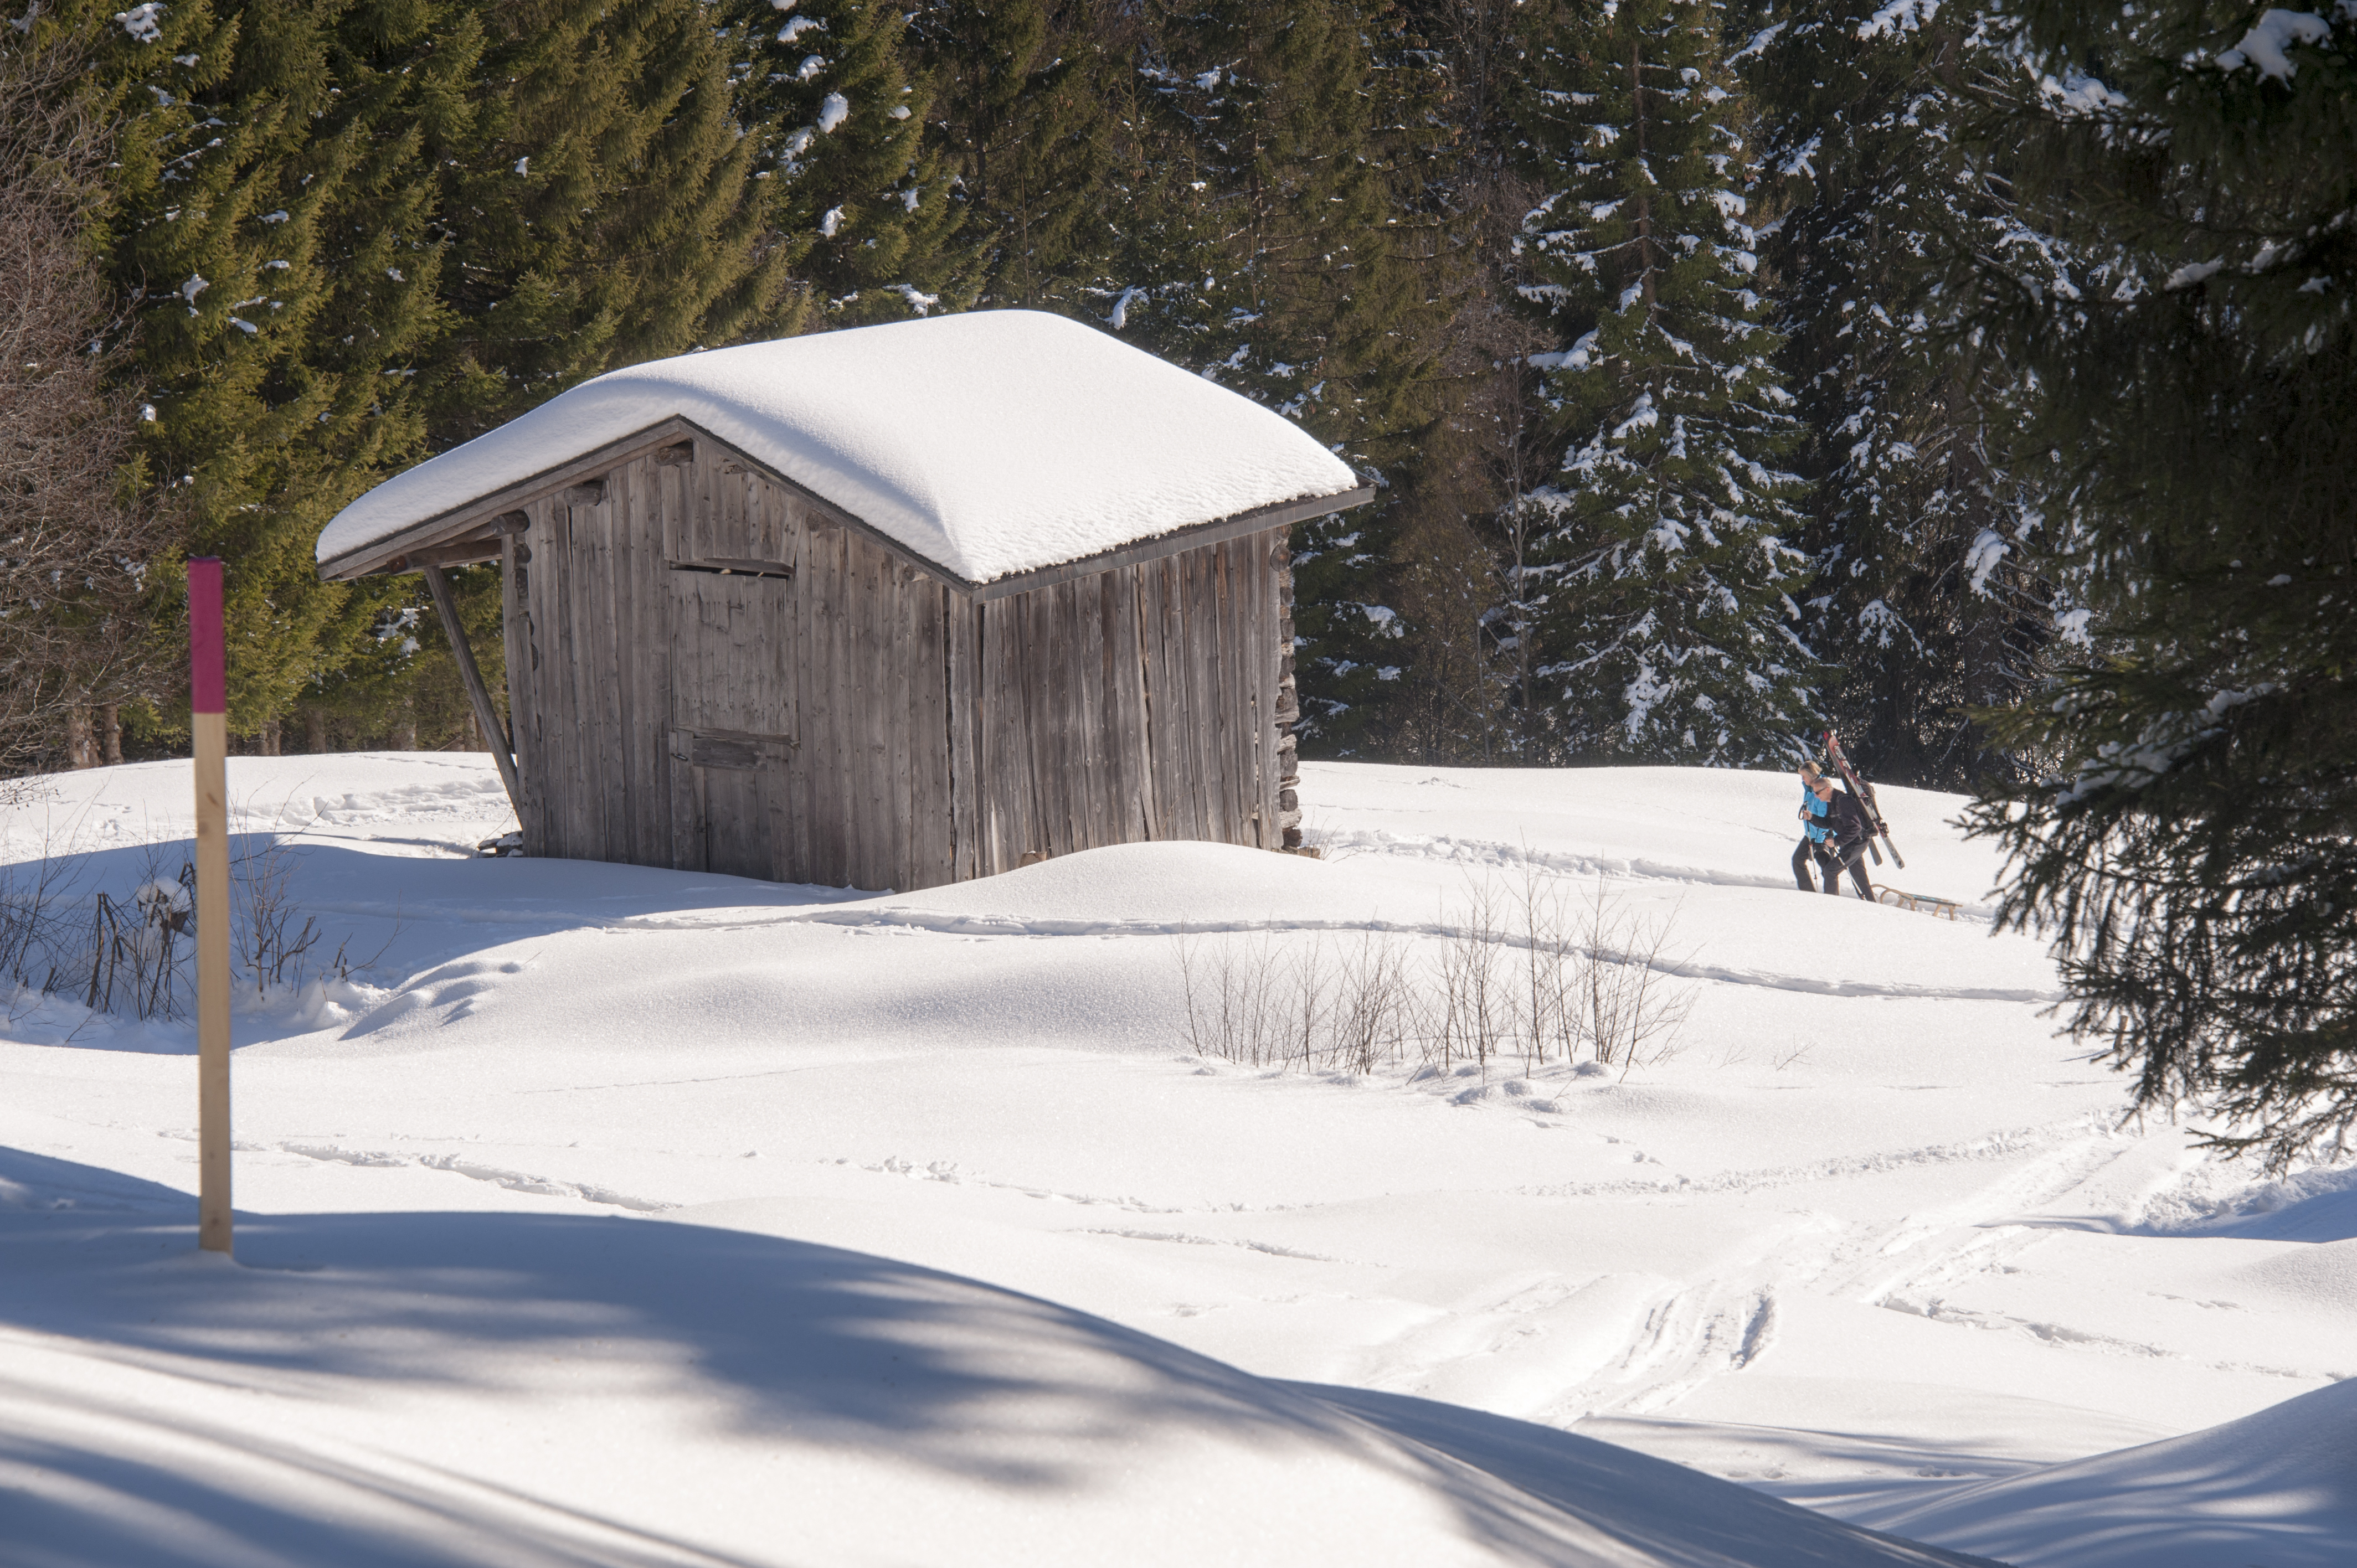 Winterwanderweg_RodelnLuisa_Winterbilder_Tropfen_Bäume_0107_1.jpg